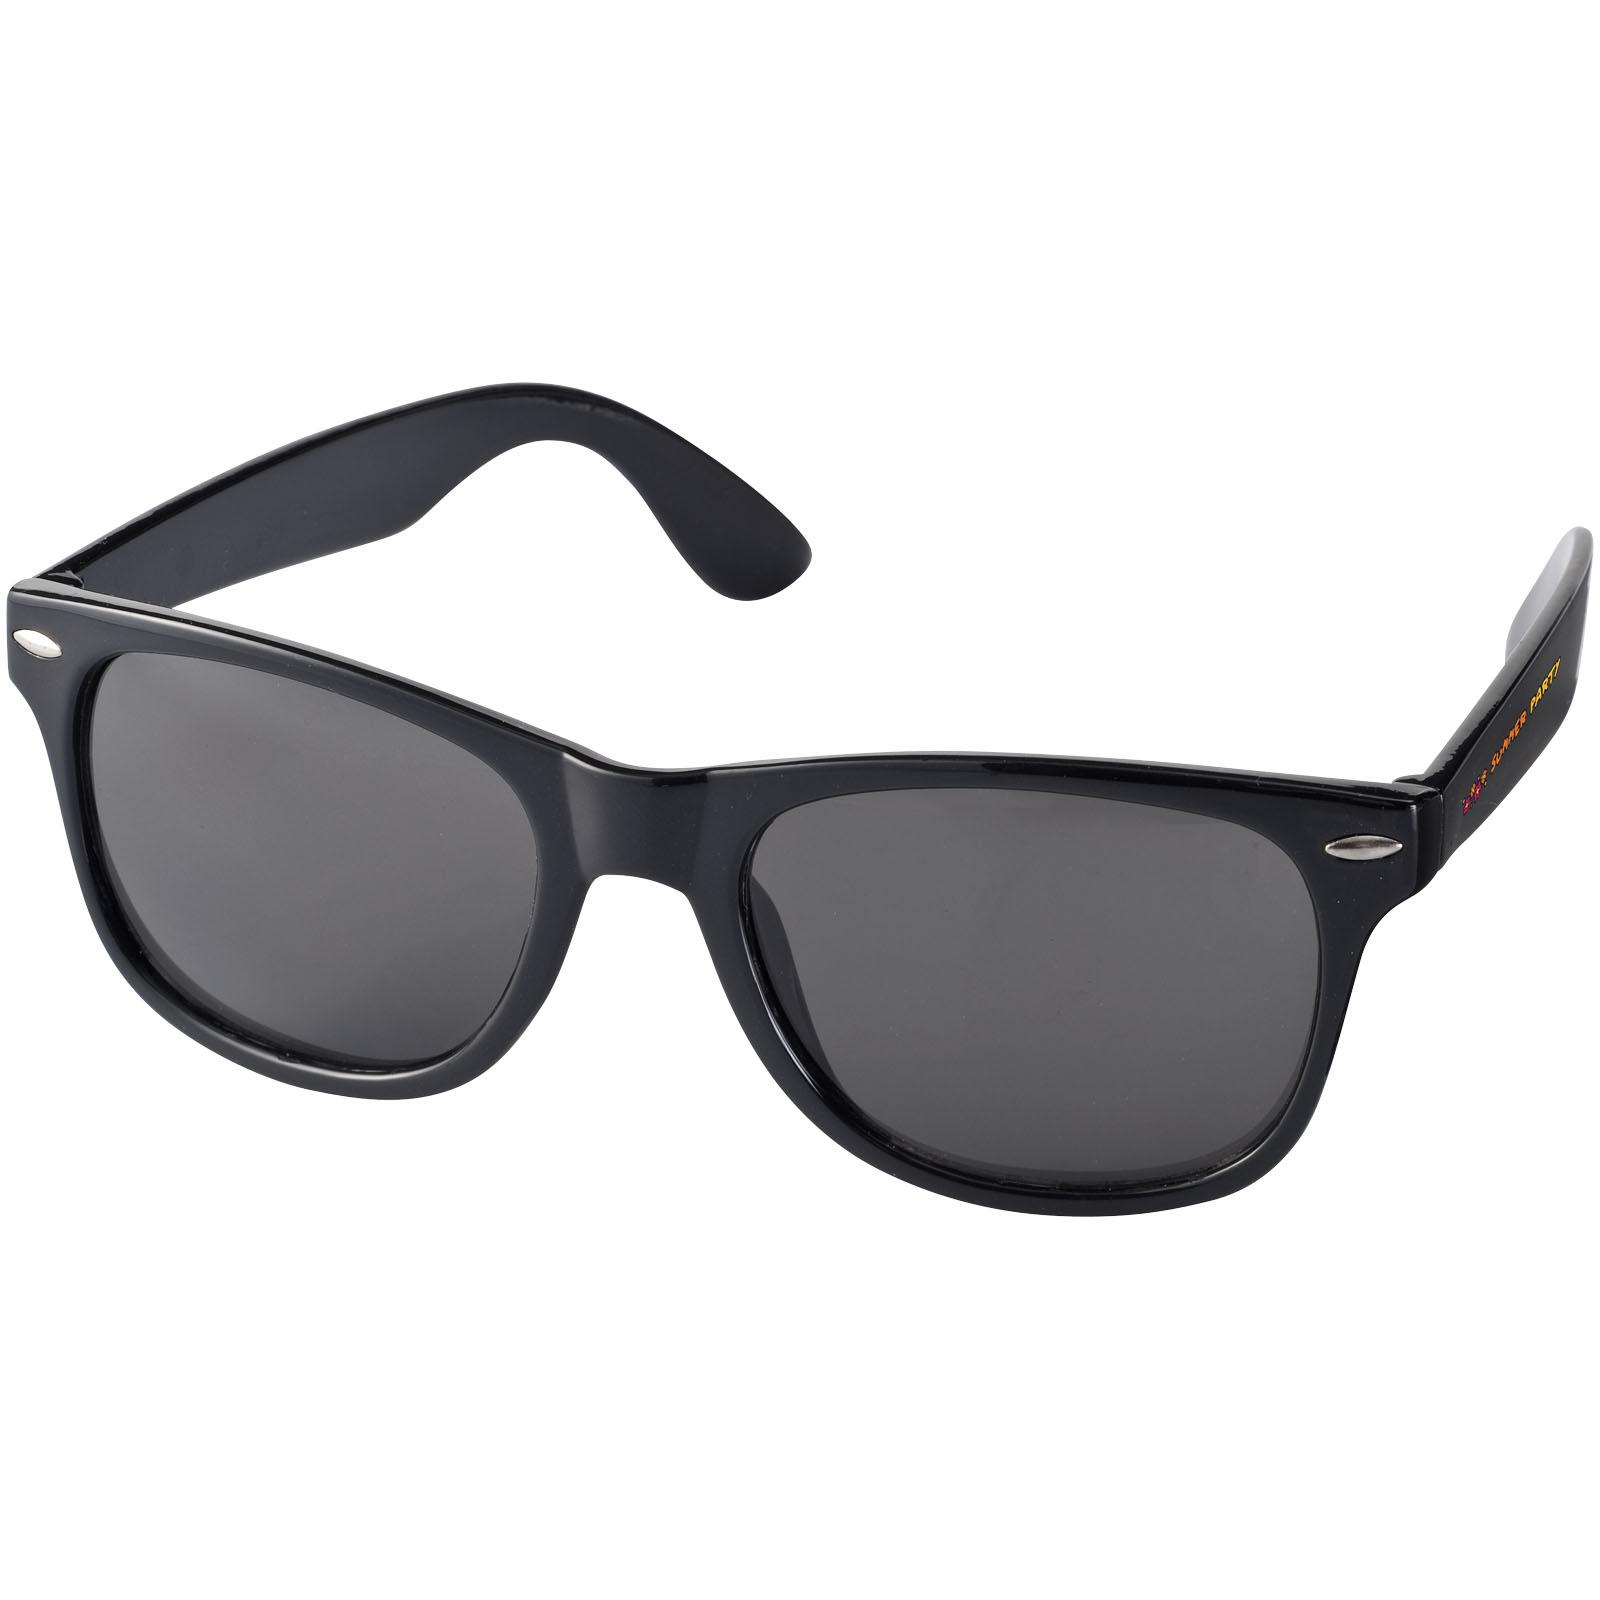 2be0933199e2b9 Sun ray zonnebrillen bedrukken  - Voordelig   snel bestellen